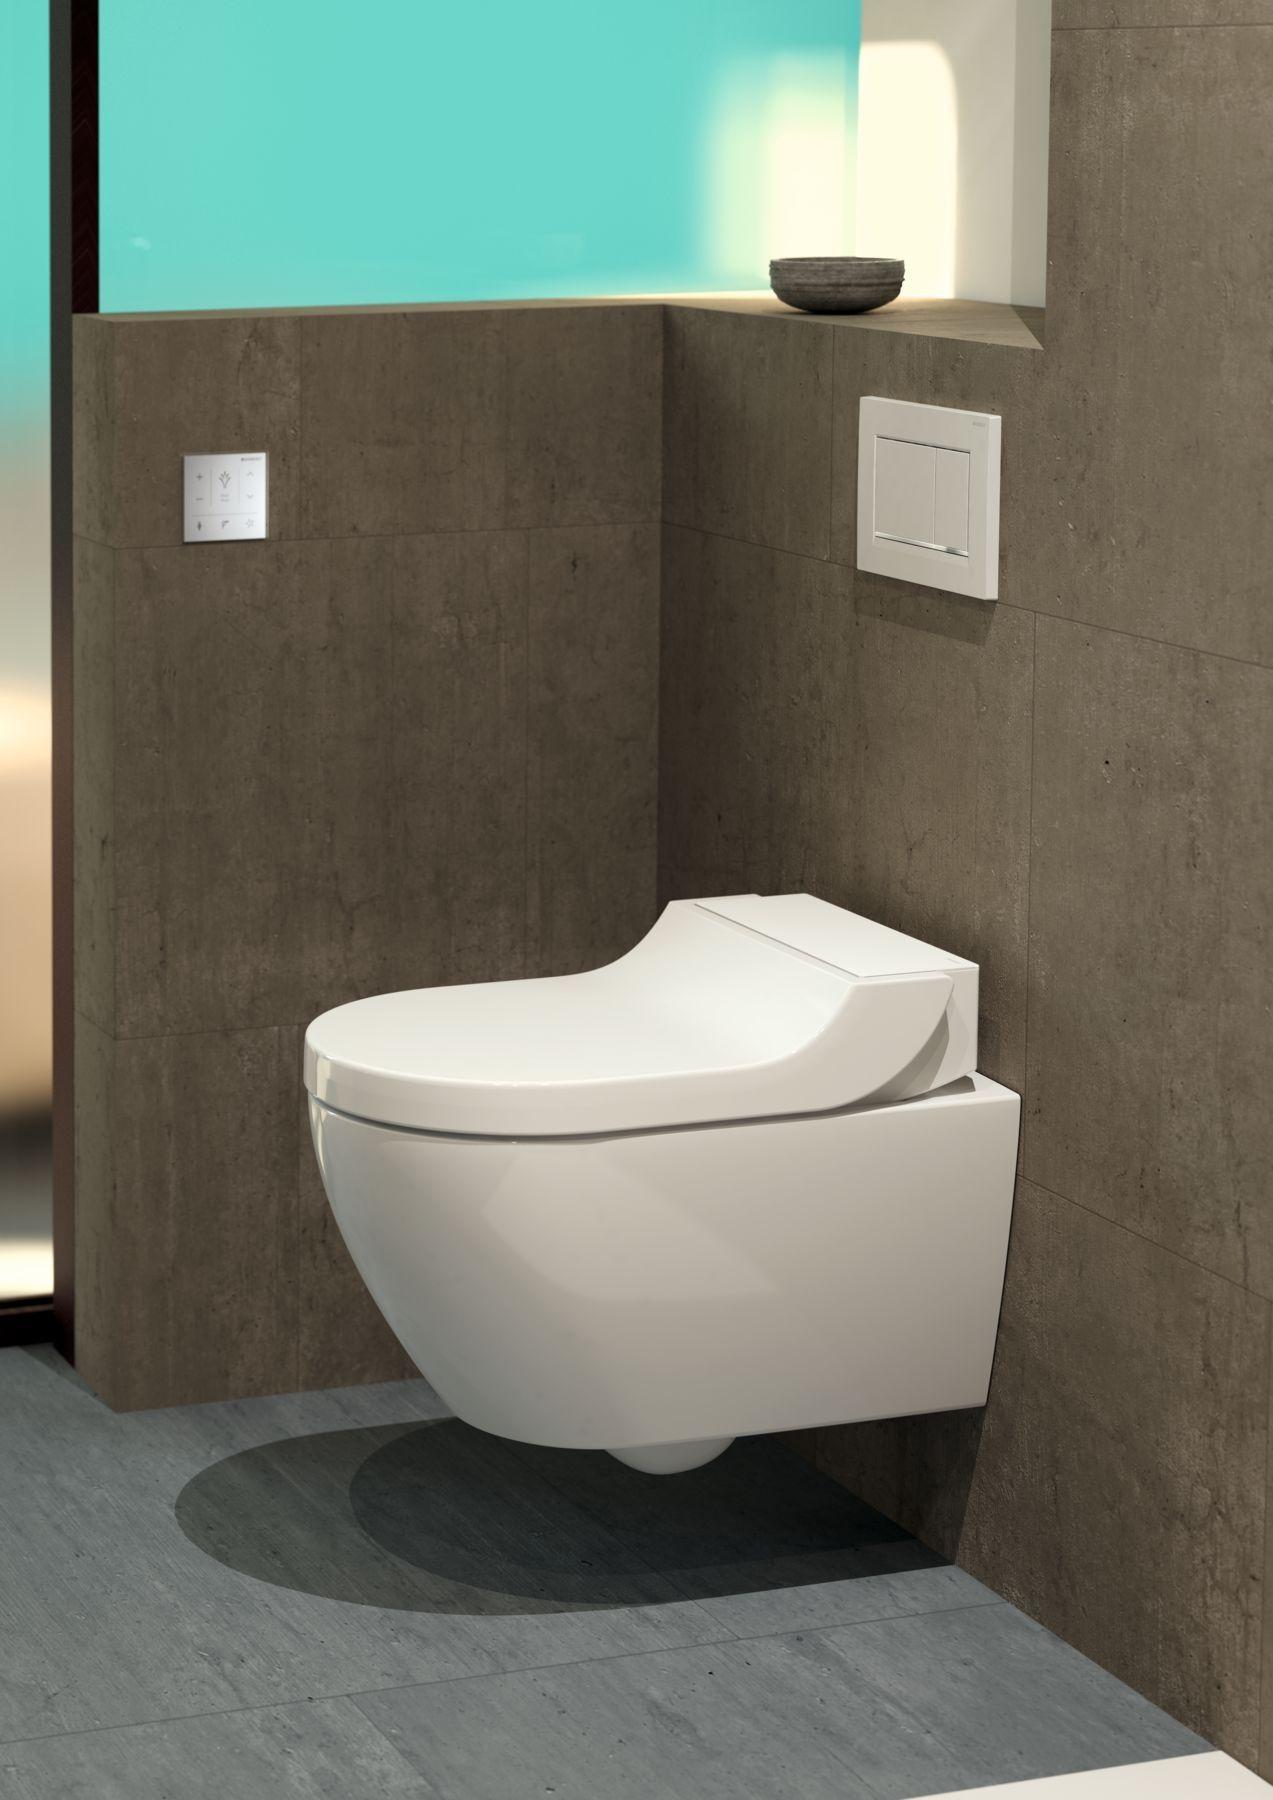 de par sa forme pacte le wc douche geberit aquaclean tuma